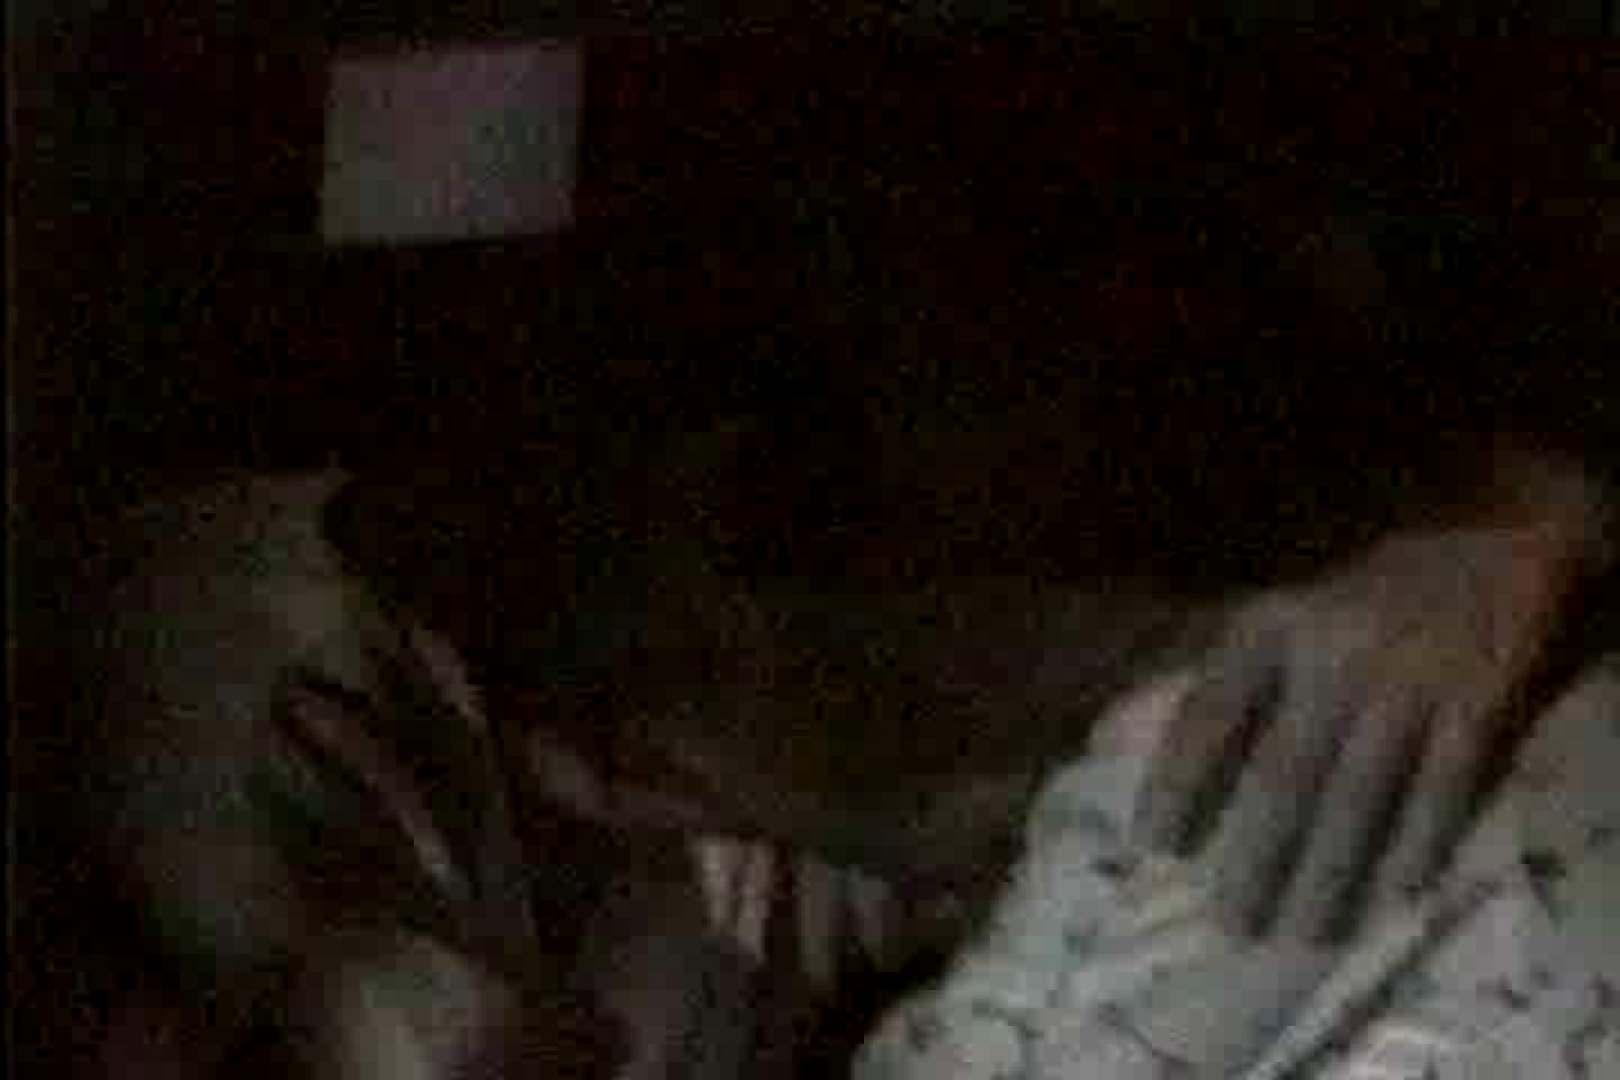 車の中はラブホテル 無修正版  Vol.8 OLエロ画像 盗み撮りSEX無修正画像 108PICs 42